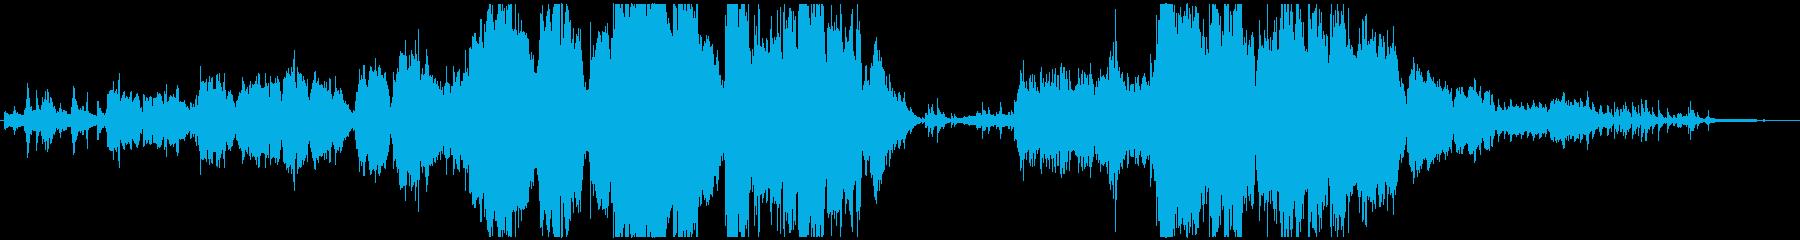 生演奏トランペットとフルートのバラードの再生済みの波形